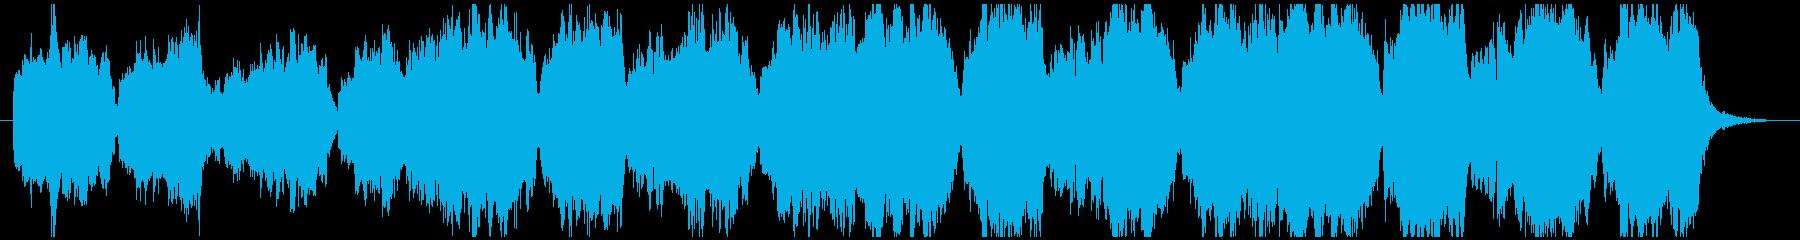 ストリングスメインの温かな雰囲気のBGMの再生済みの波形